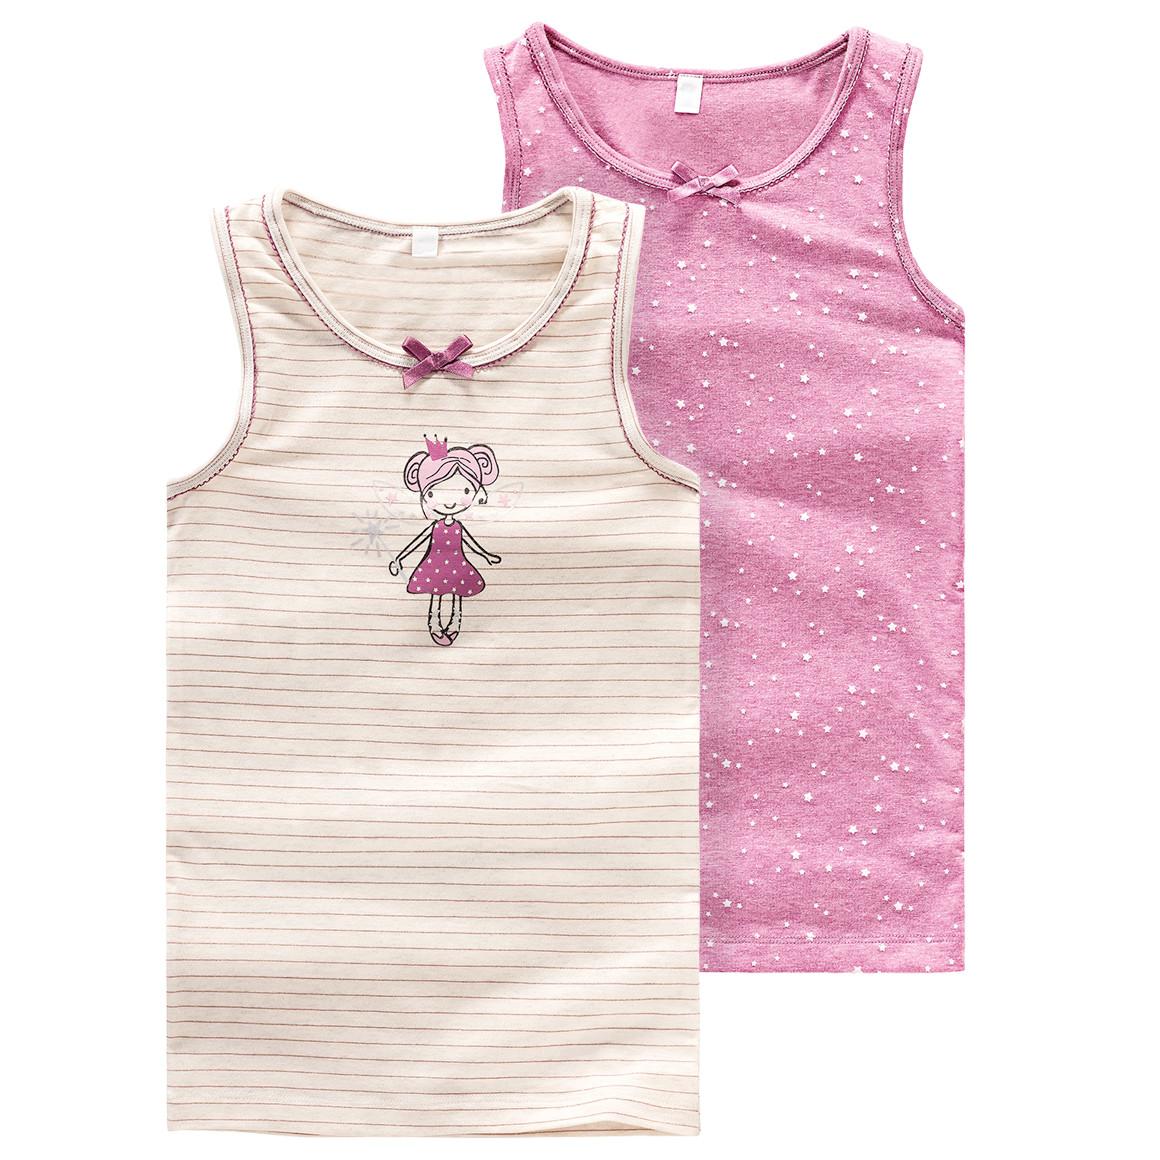 2 Mädchen Unterhemden